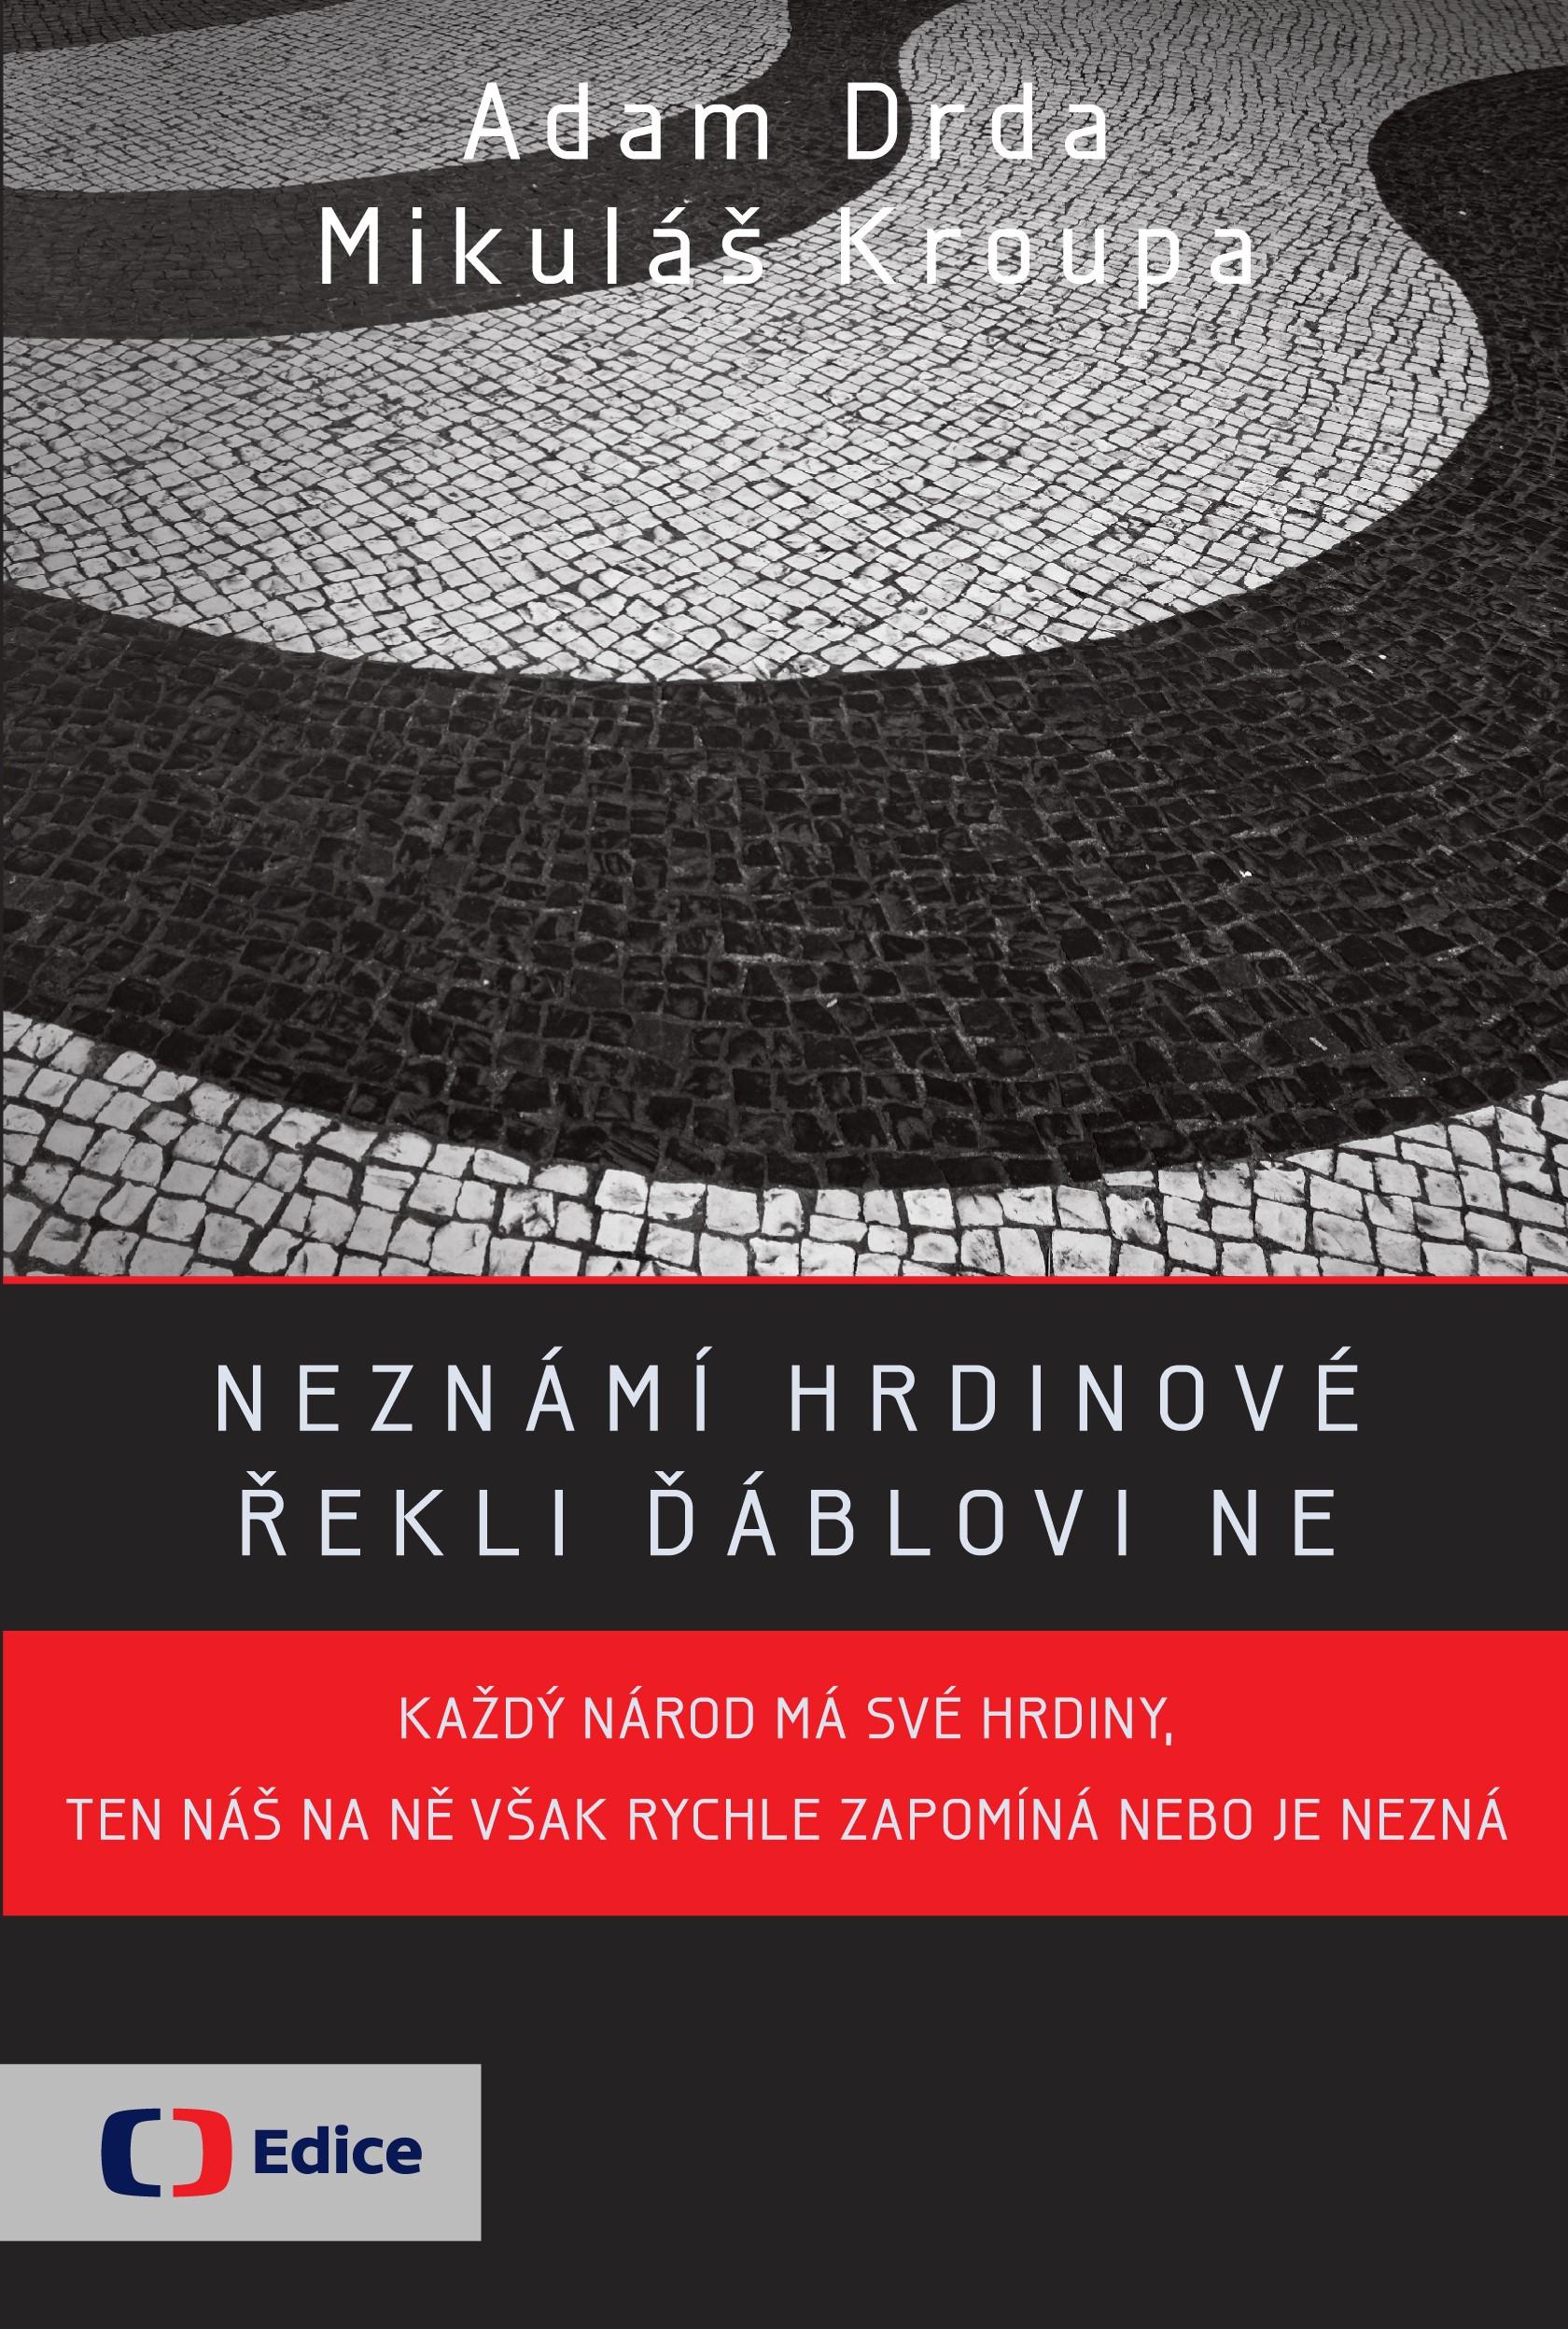 Neznámí hrdinové - řekli ďáblovi ne | Adam Drda, Mikuláš Kroupa